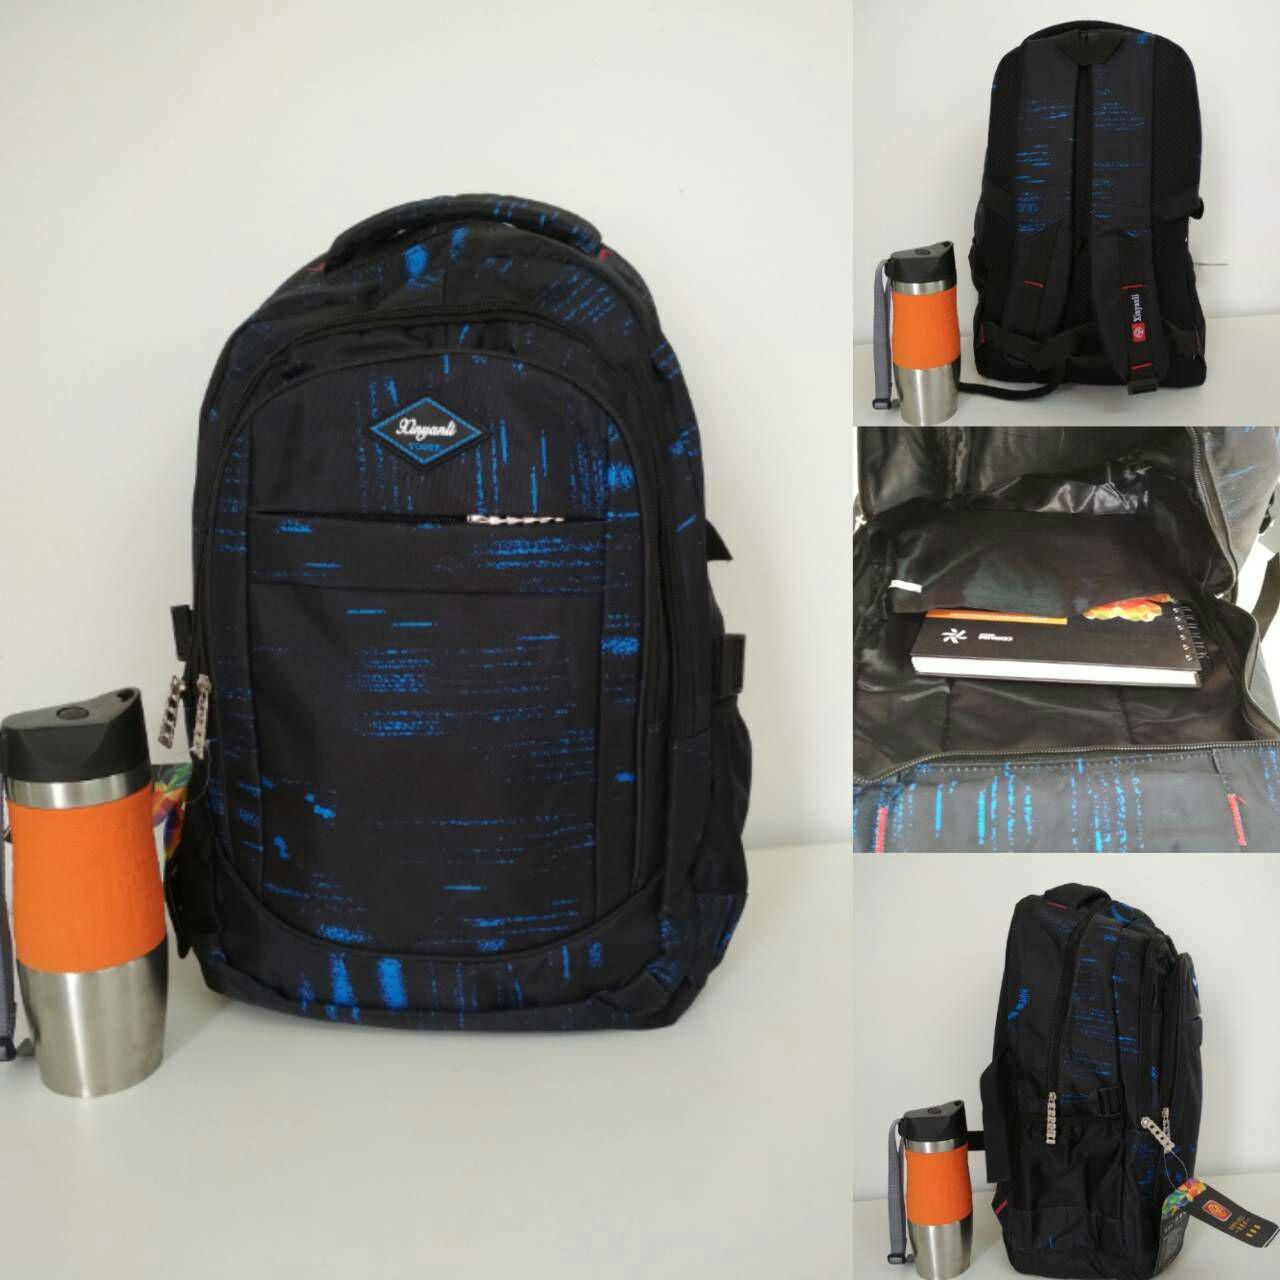 241c92c00788 Школьный рюкзак черный с голубым принтом 45*32*14 см, цена 295 грн ...